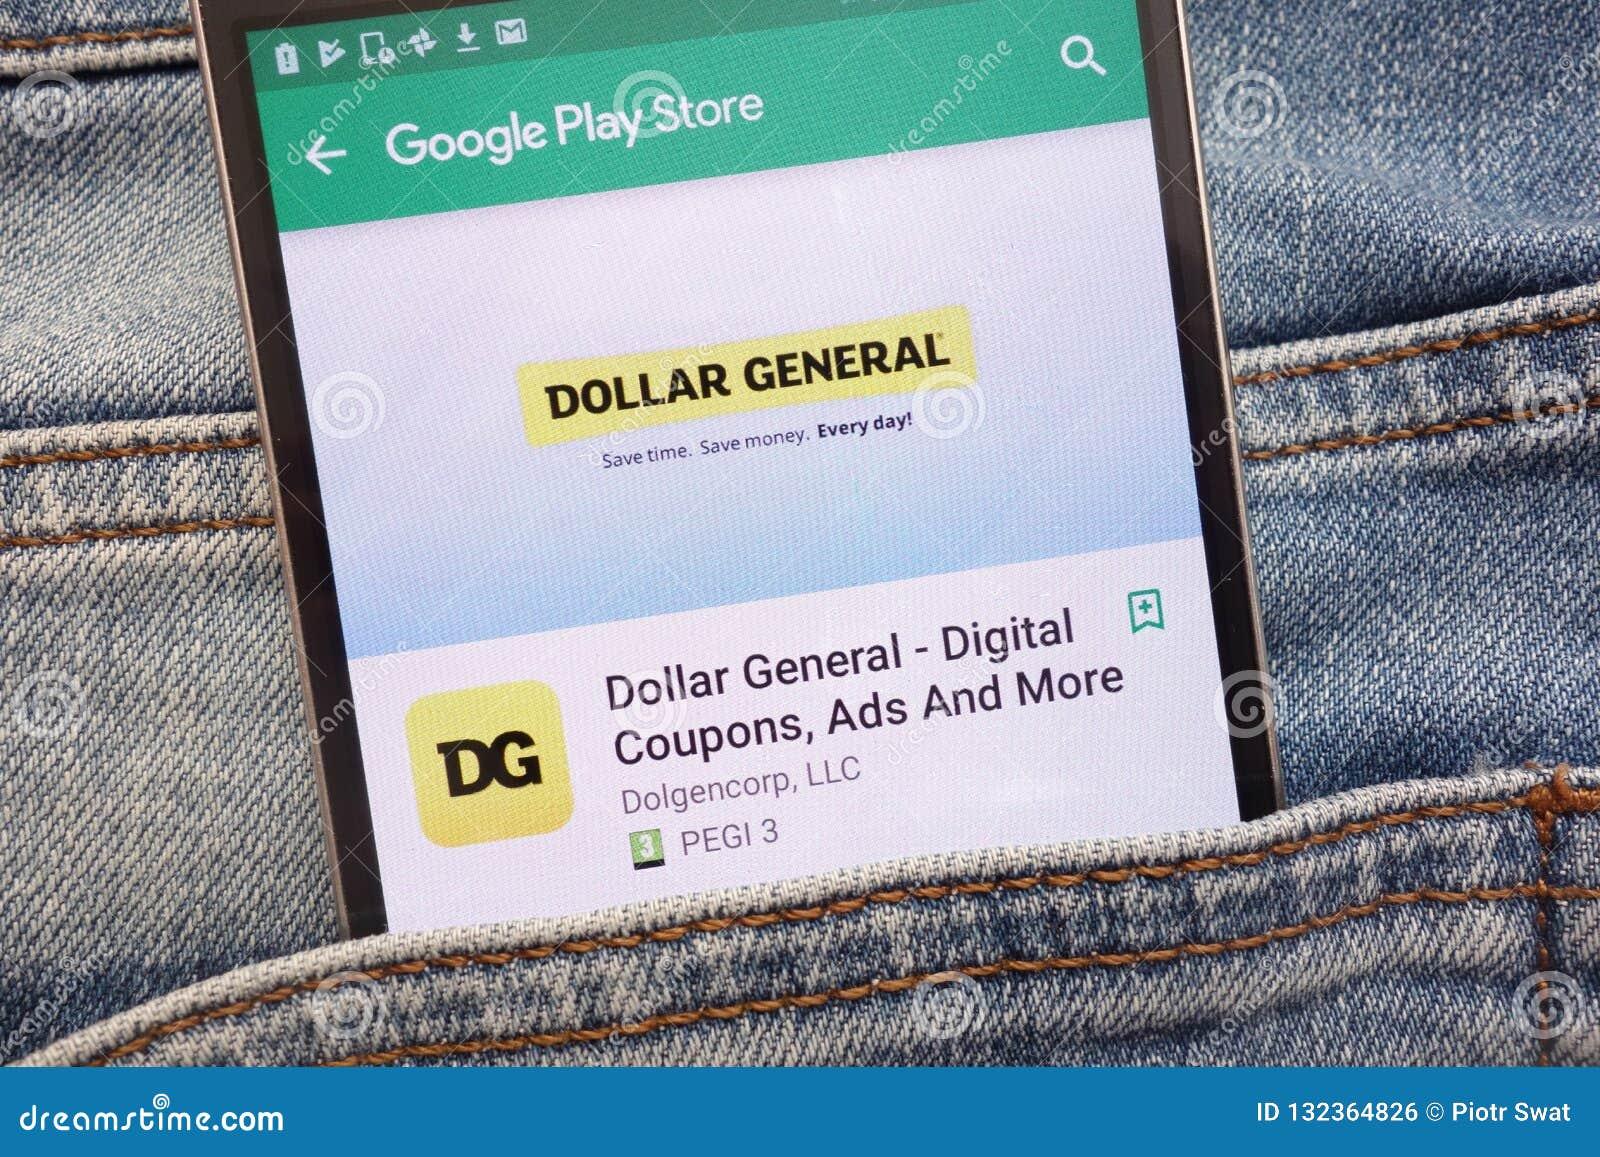 Генерал доллара - талоны цифров, объявления и больше приложения на вебсайте магазина игры Google показанном на смартфоне спрятанн